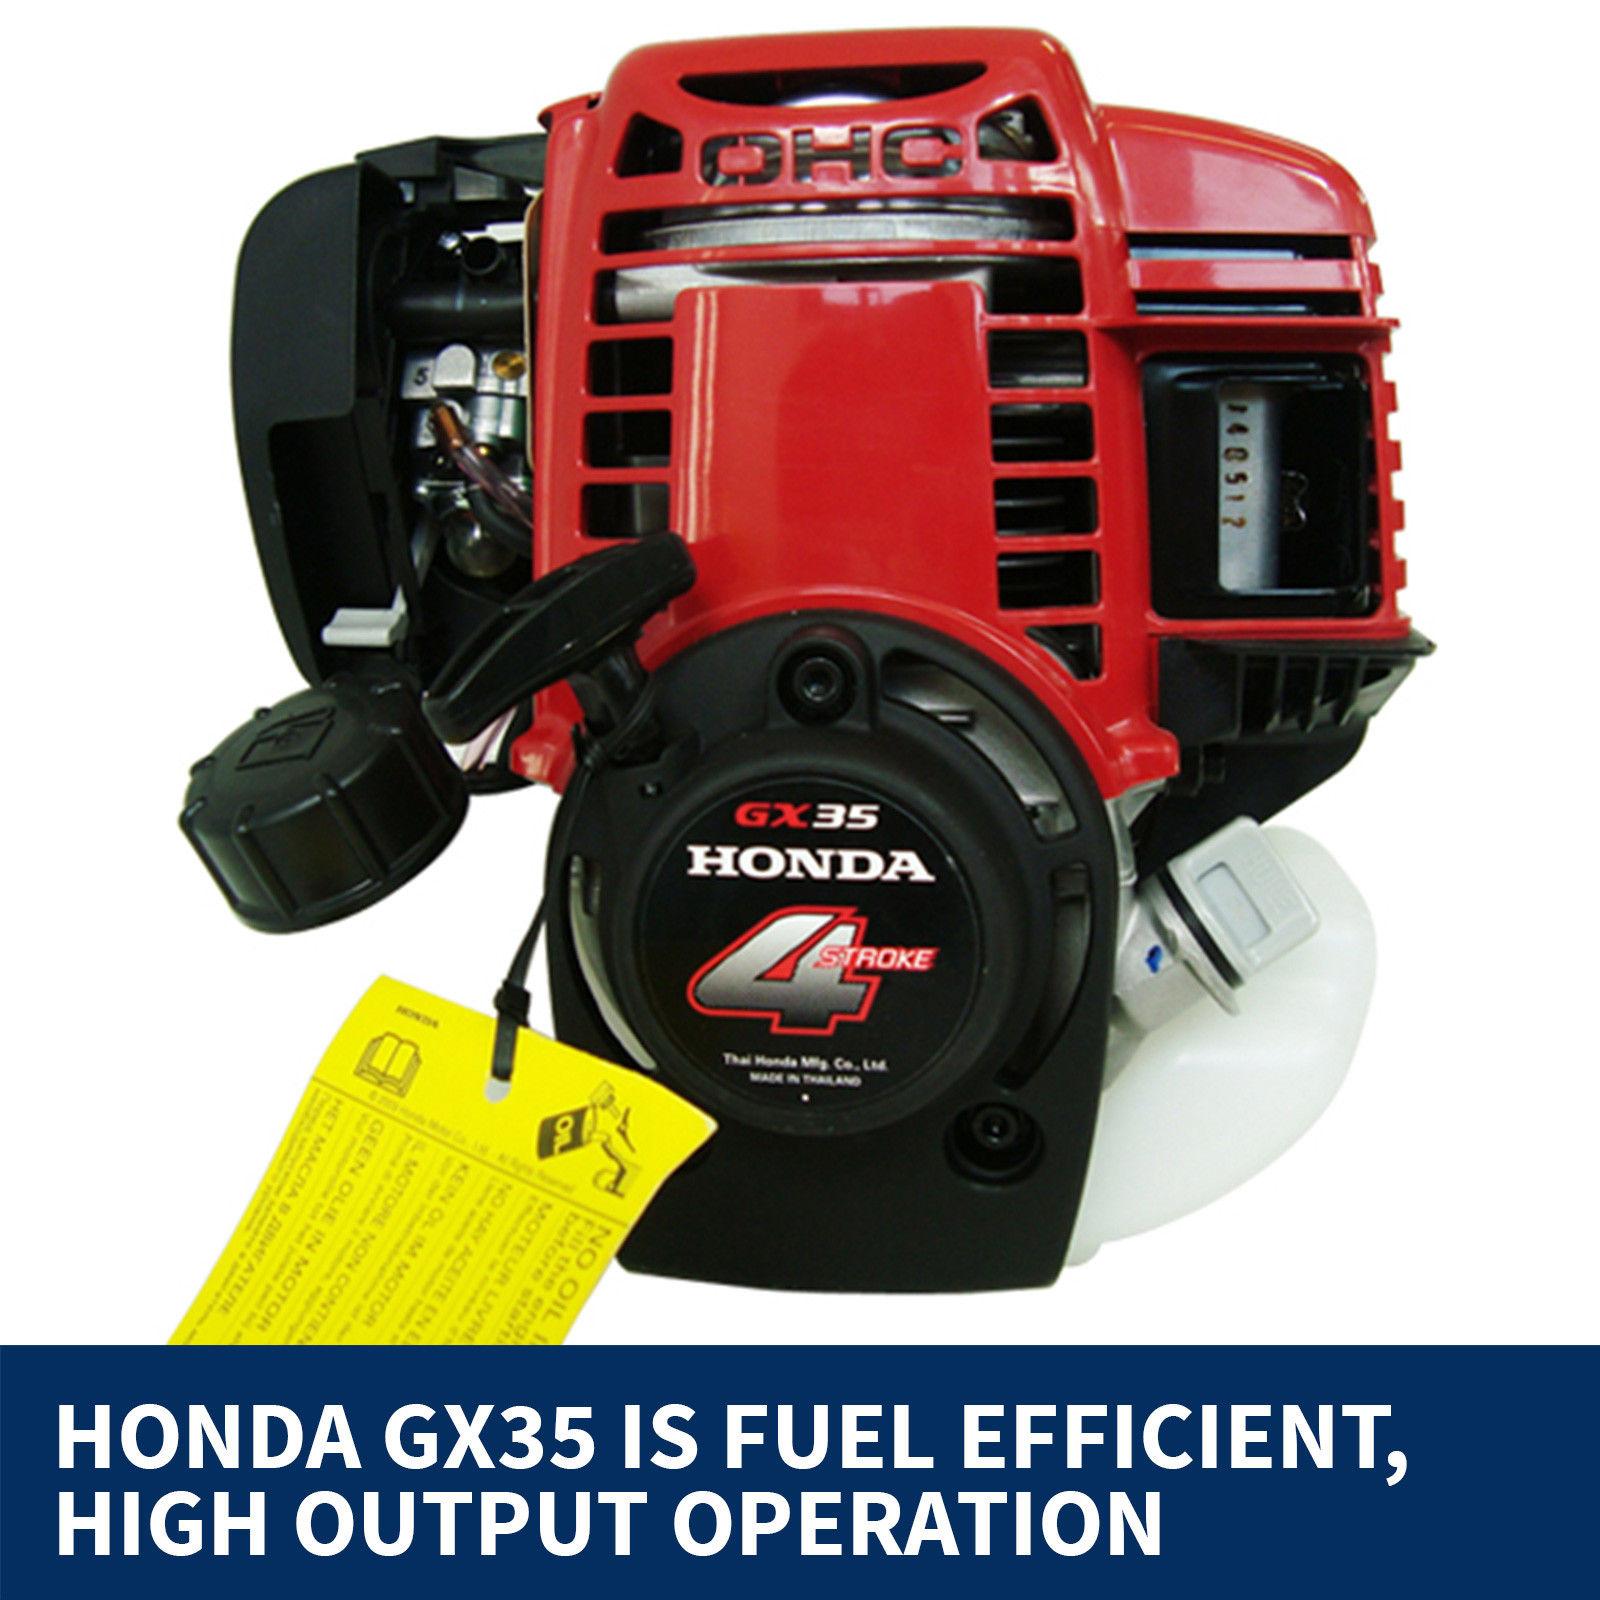 4 taktų variklis benzininis variklis 4 taktų benzininis variklis krūmapjovei GX35 variklis 35,8 cc, CE Patvirtinta